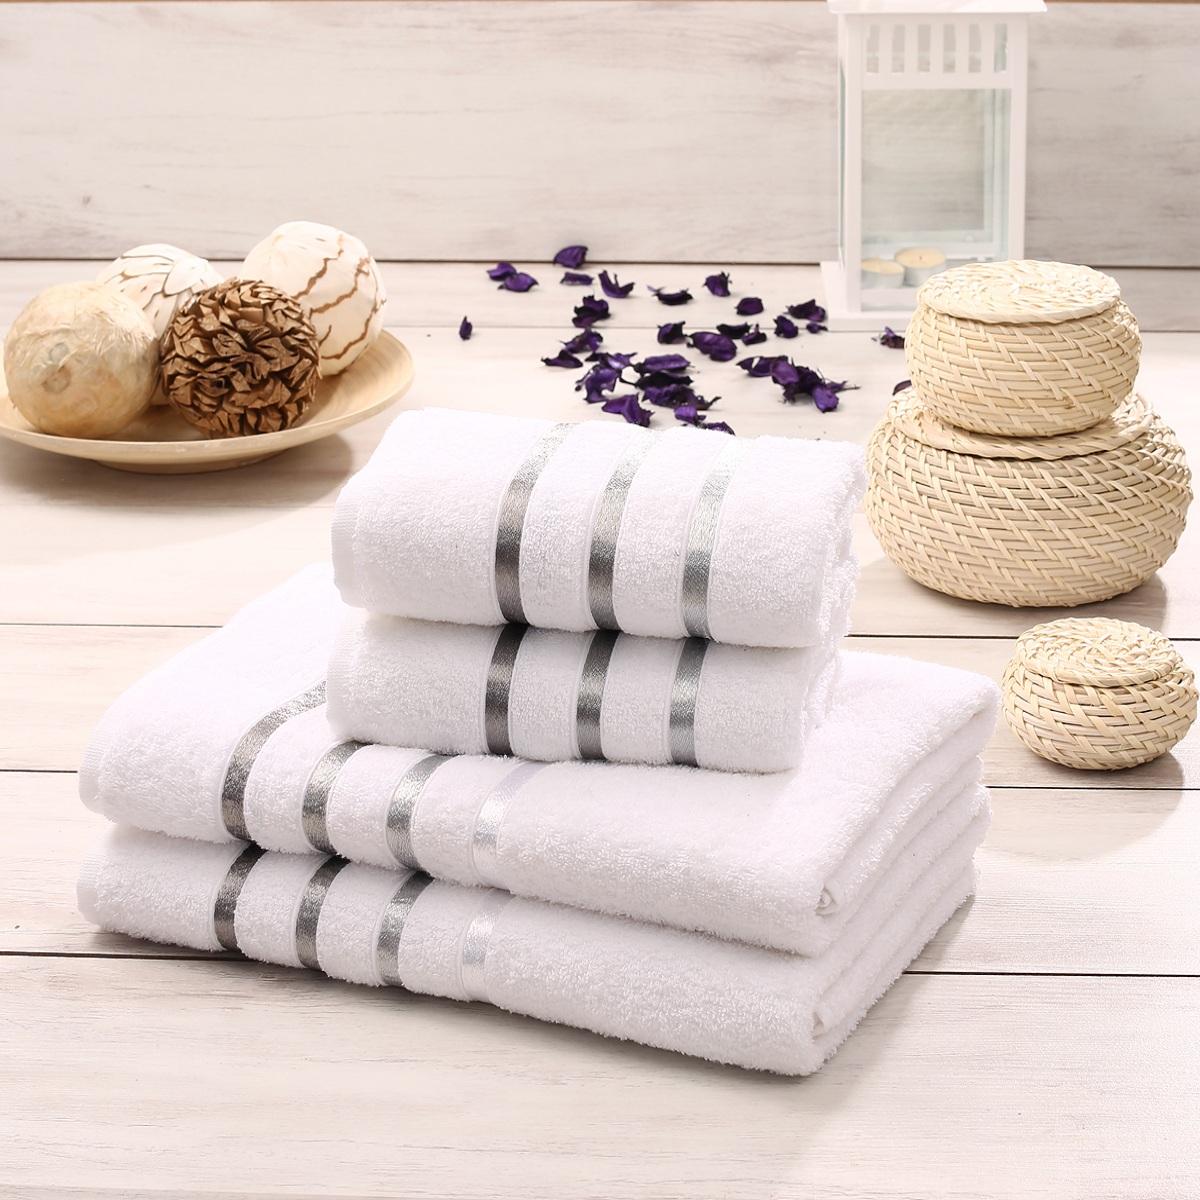 Набор полотенец Karna Bale, цвет: белый, 4 шт531-401Набор Karna Bale включает 2 полотенца для лица, рук и 2 банных полотенца. Изделия выполнены из высококачественного хлопка с отделкой в виде полос. Каждое полотенце отличается нежностью и мягкостью материала, утонченным дизайном и превосходным качеством. Они прекрасно впитывают влагу, быстро сохнут и не теряют своих свойств после многократных стирок. Такой набор создаст в вашей ванной царственное великолепие и подарит чувство ослепительного торжества. А также станет приятным подарком для ваших близких или друзей. Набор украшен текстильной лентой.